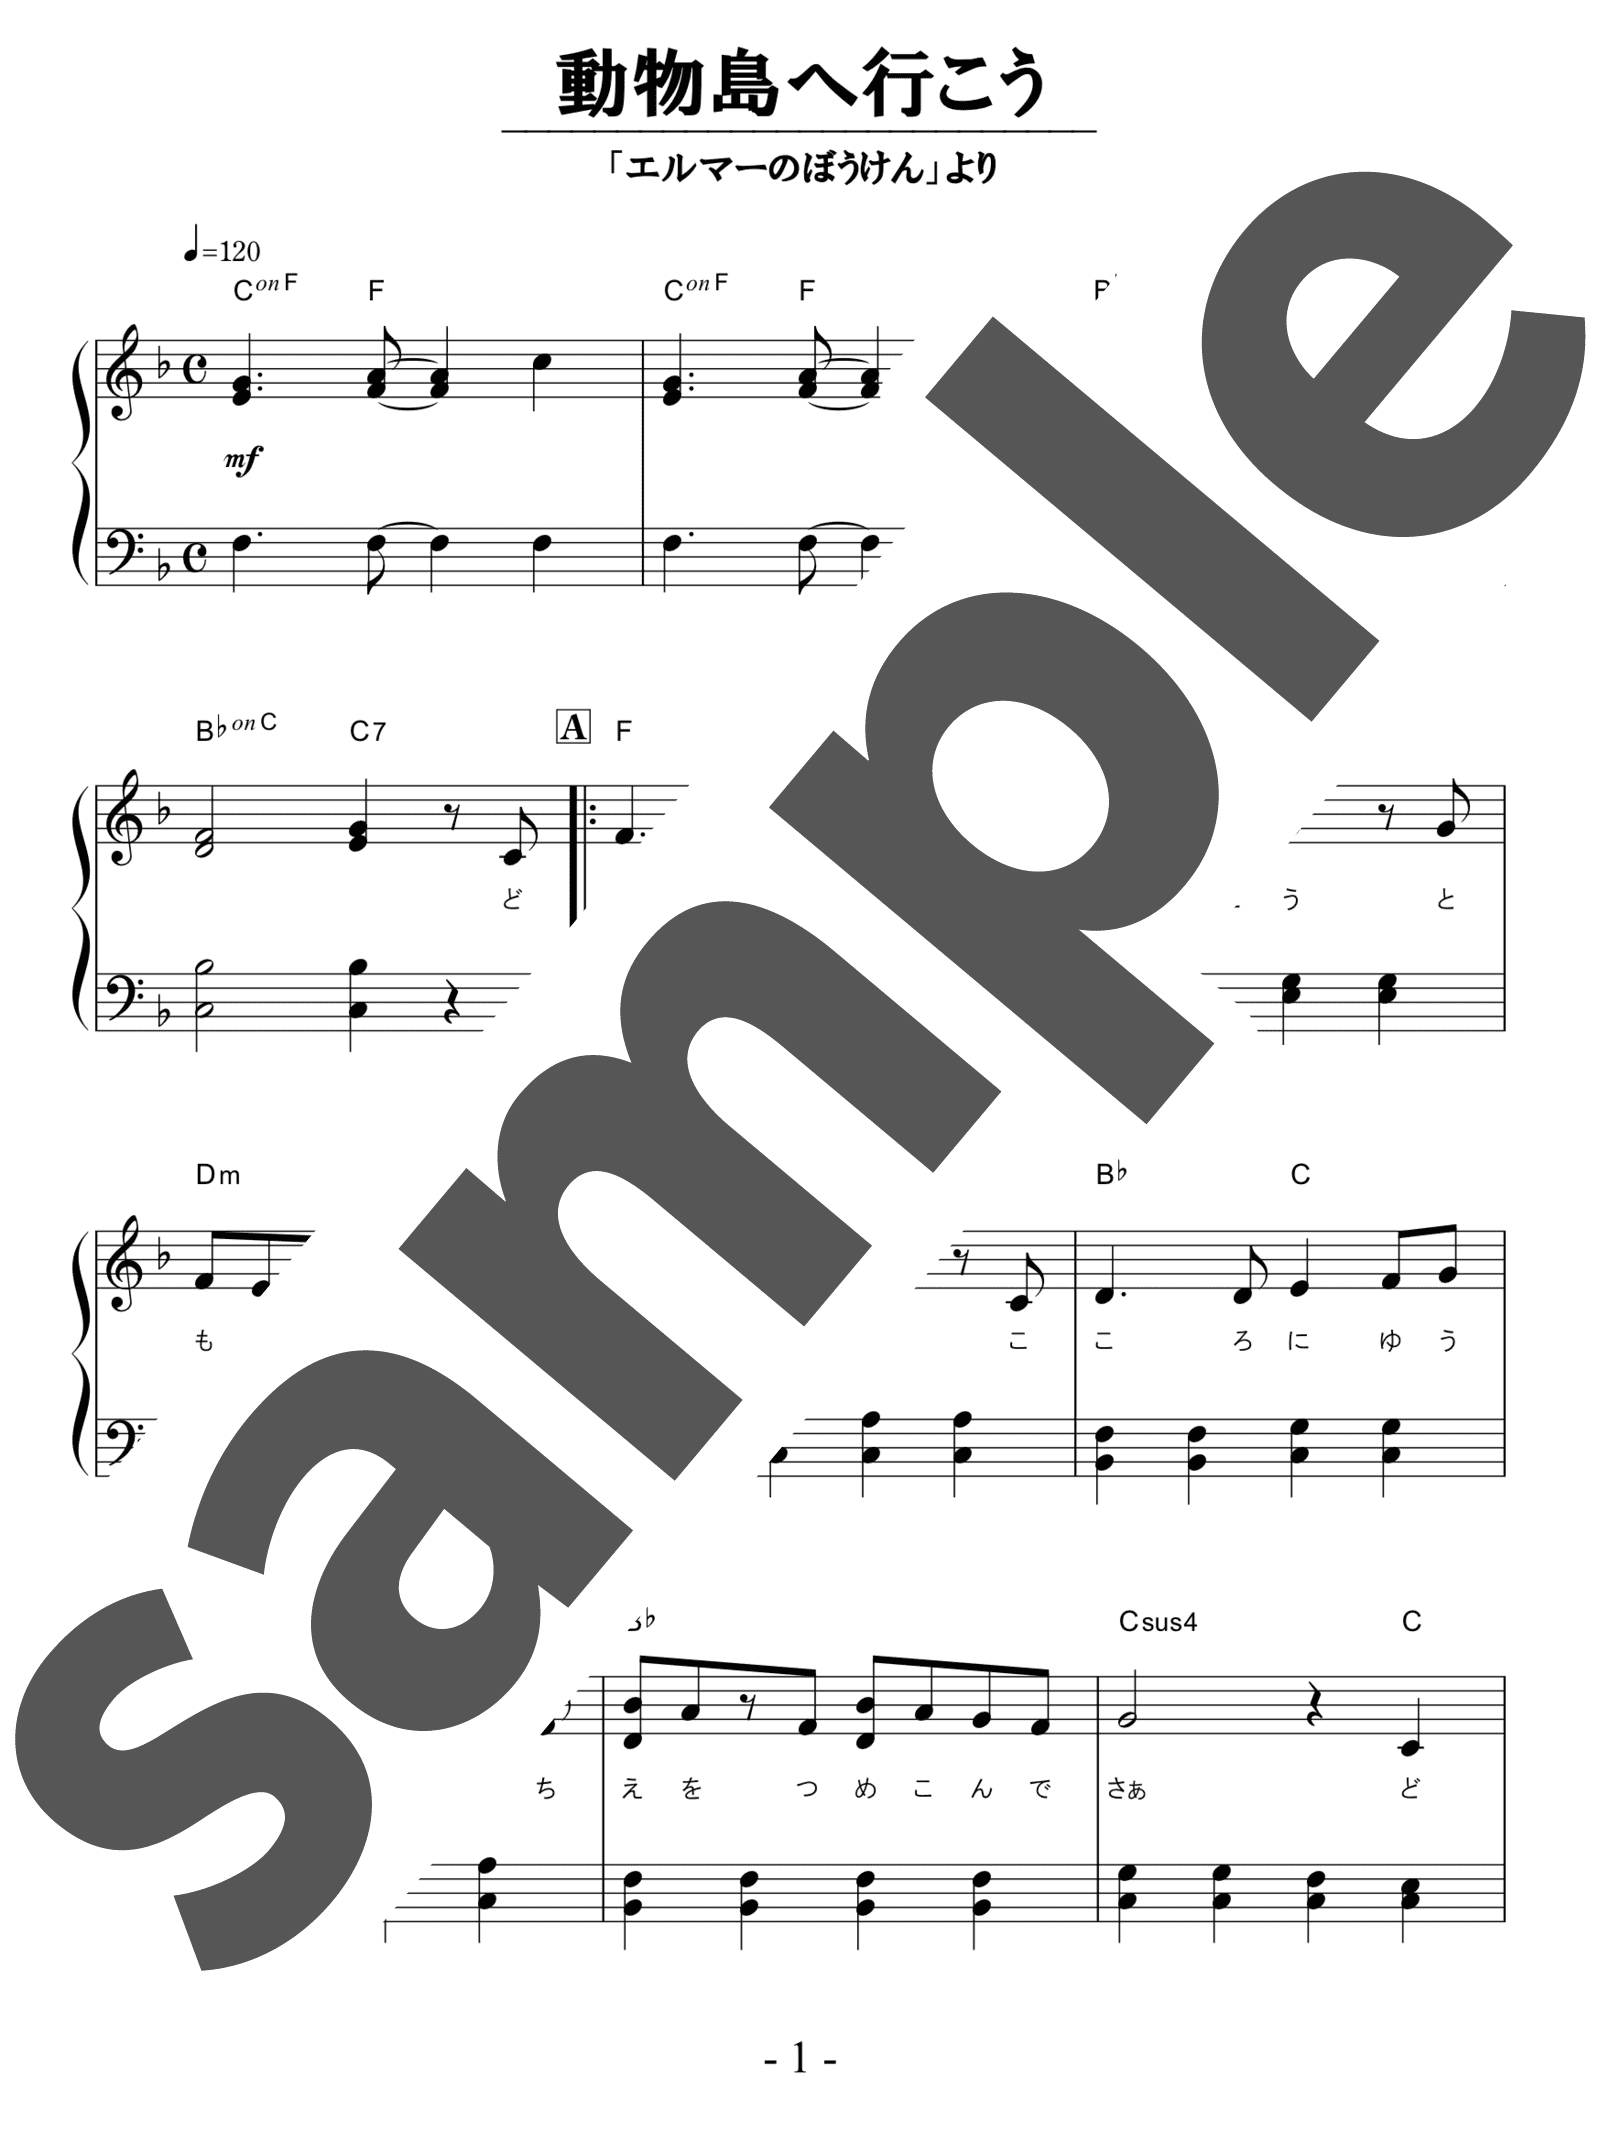 「動物島へ行こう」のサンプル楽譜